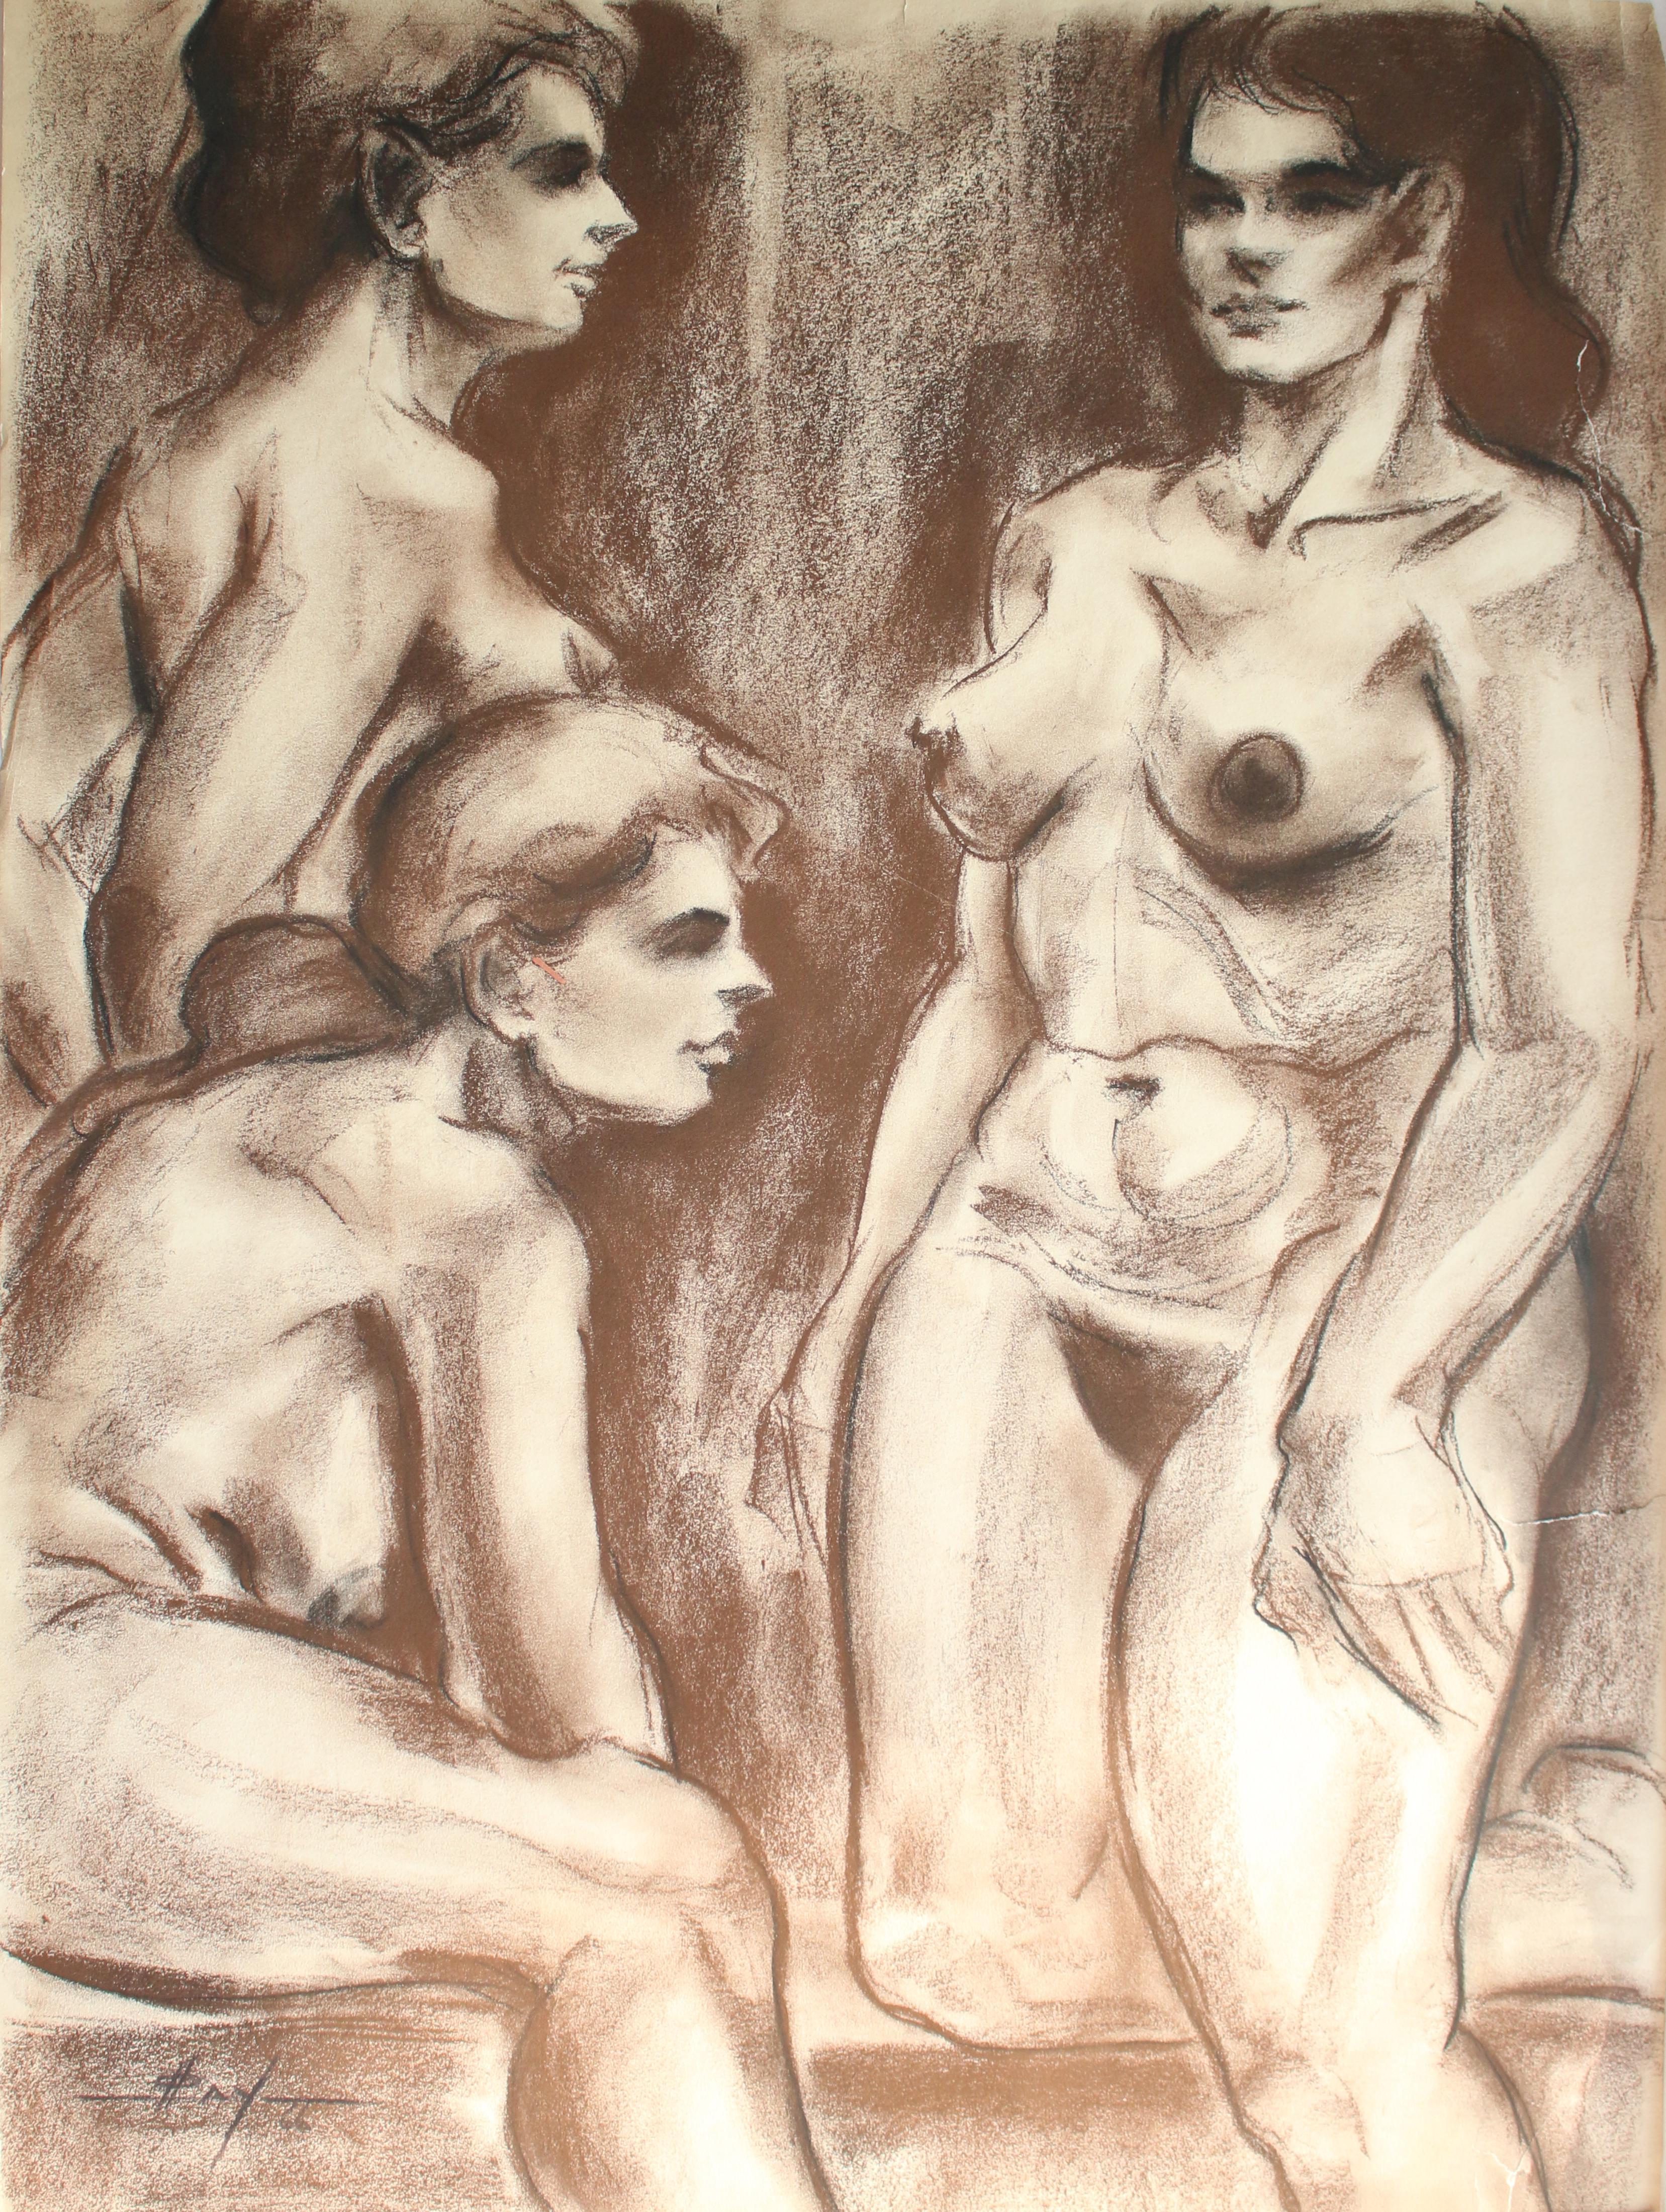 Untitled: Three Nude Females